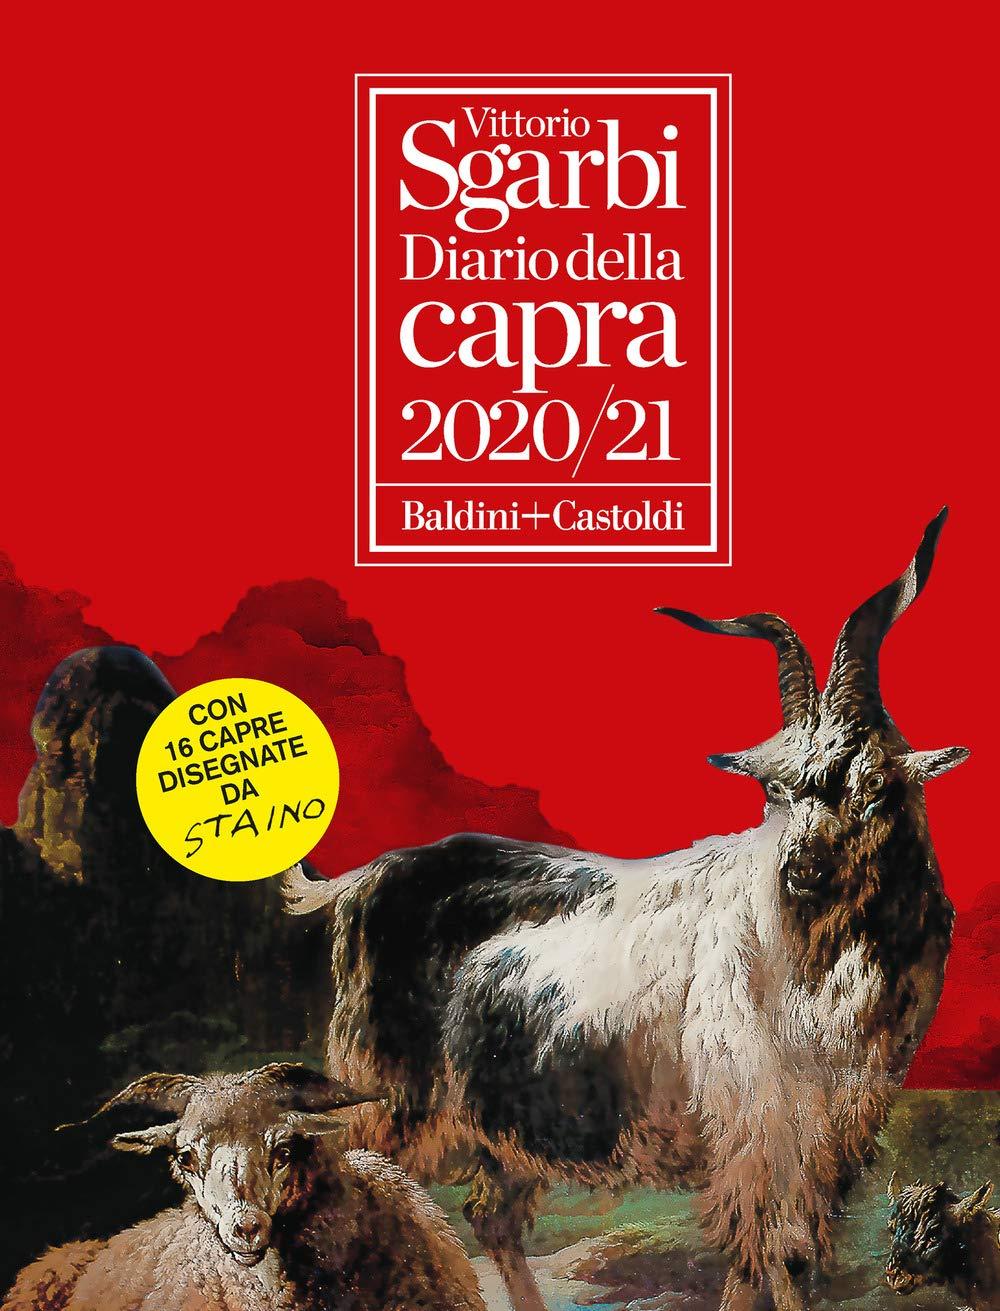 Diario della capra 2020/2021 di vittorio sgarbi 8893883201